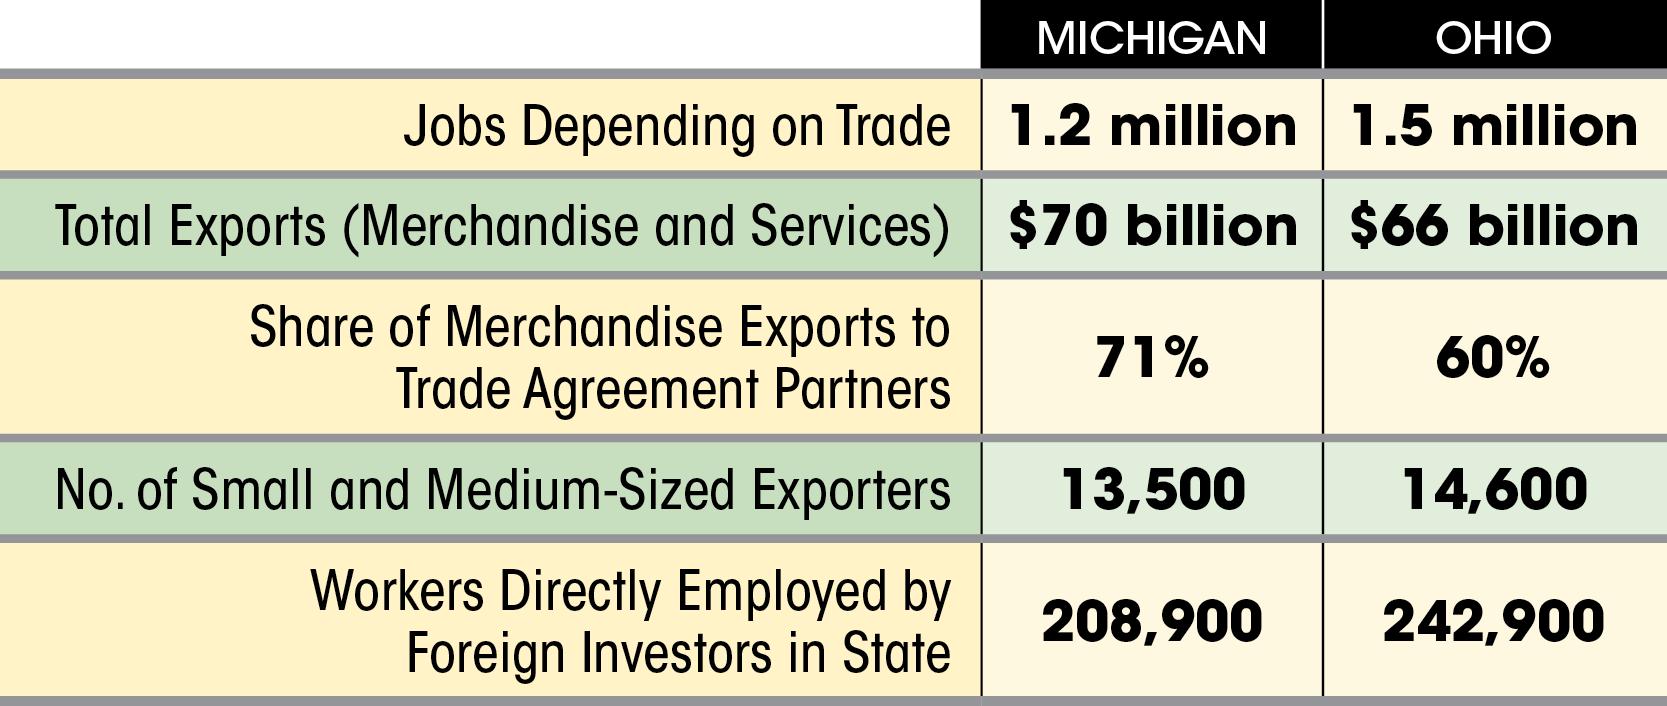 Ohio Michigan Manufacturing